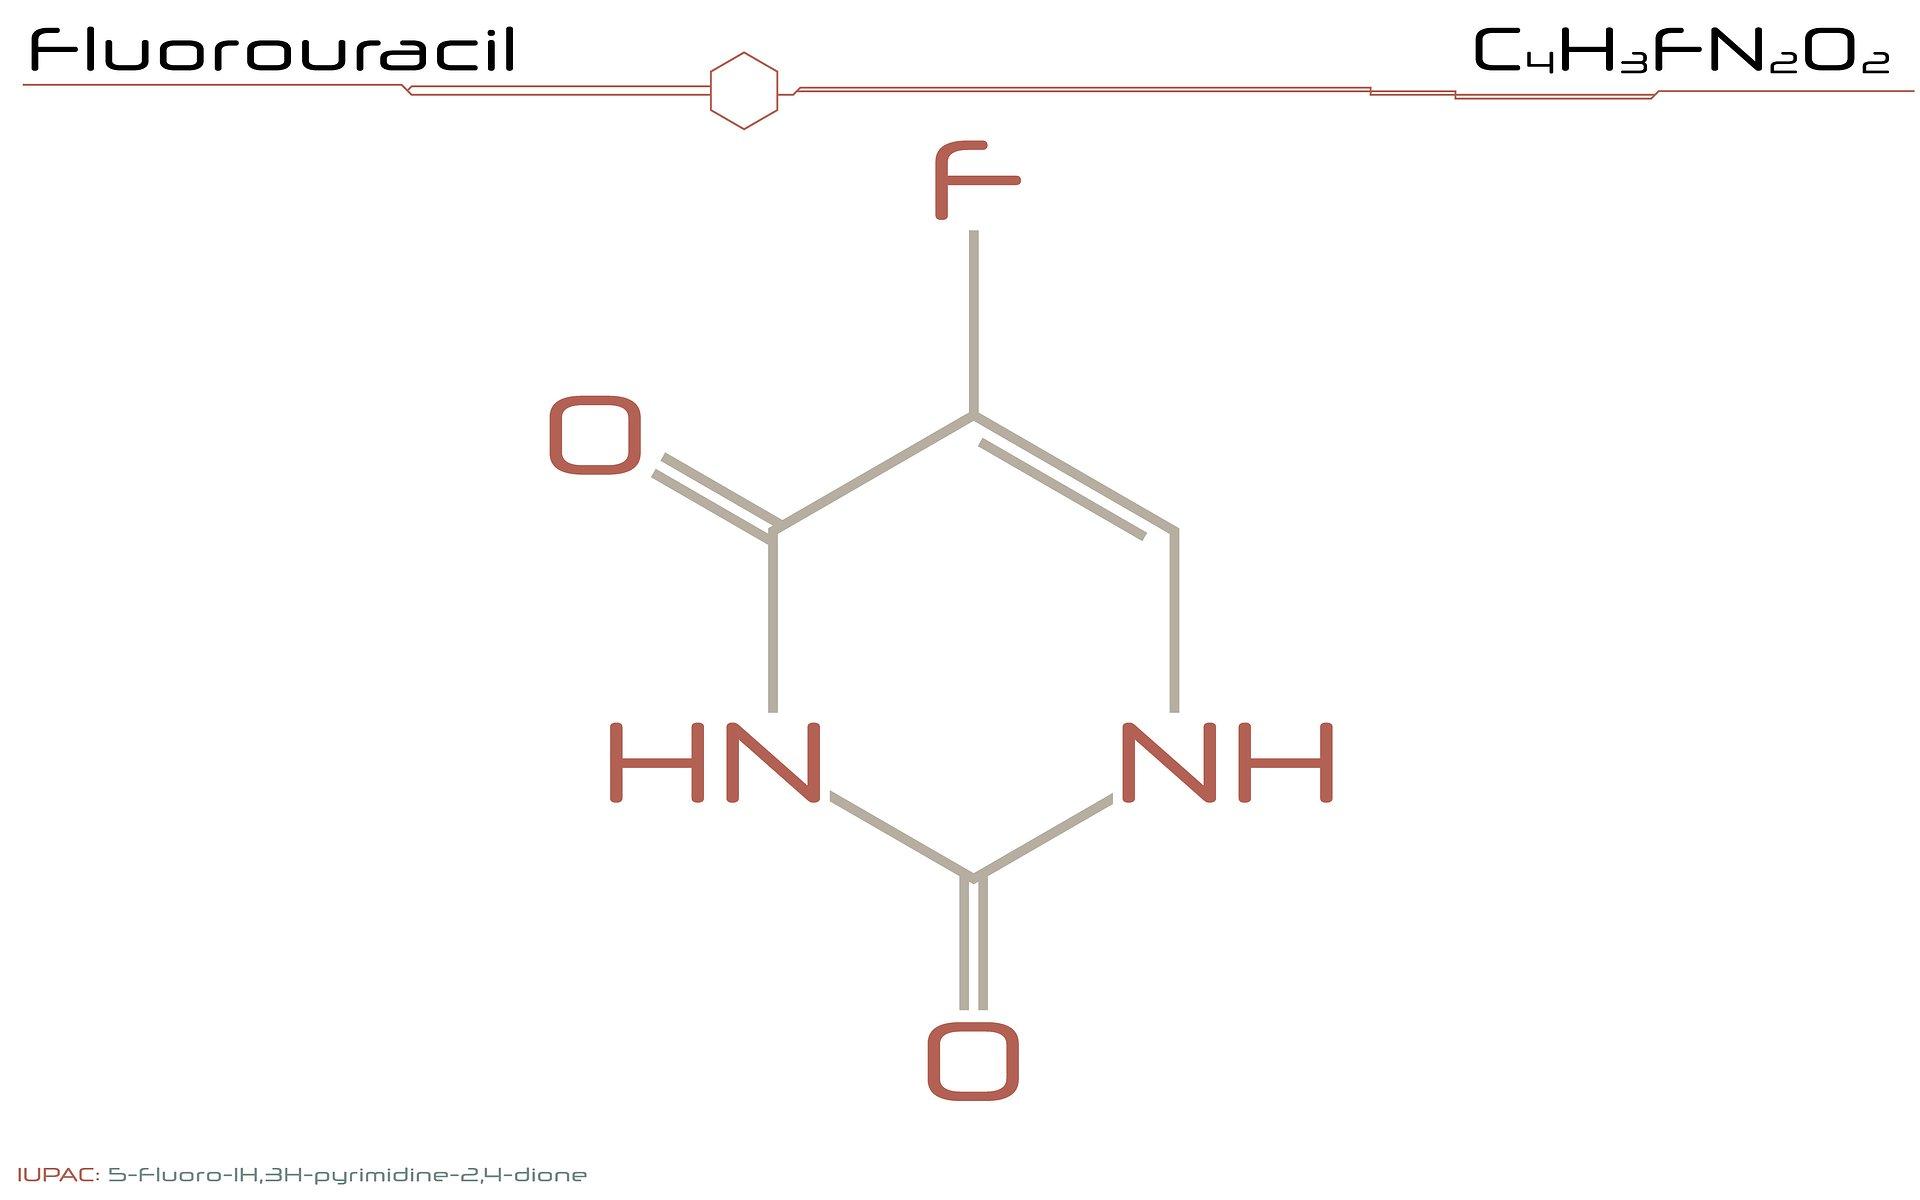 Aktywność DPD i zastosowanie fluorouracylu oraz flucytozyny [AKTUALIZACJA]